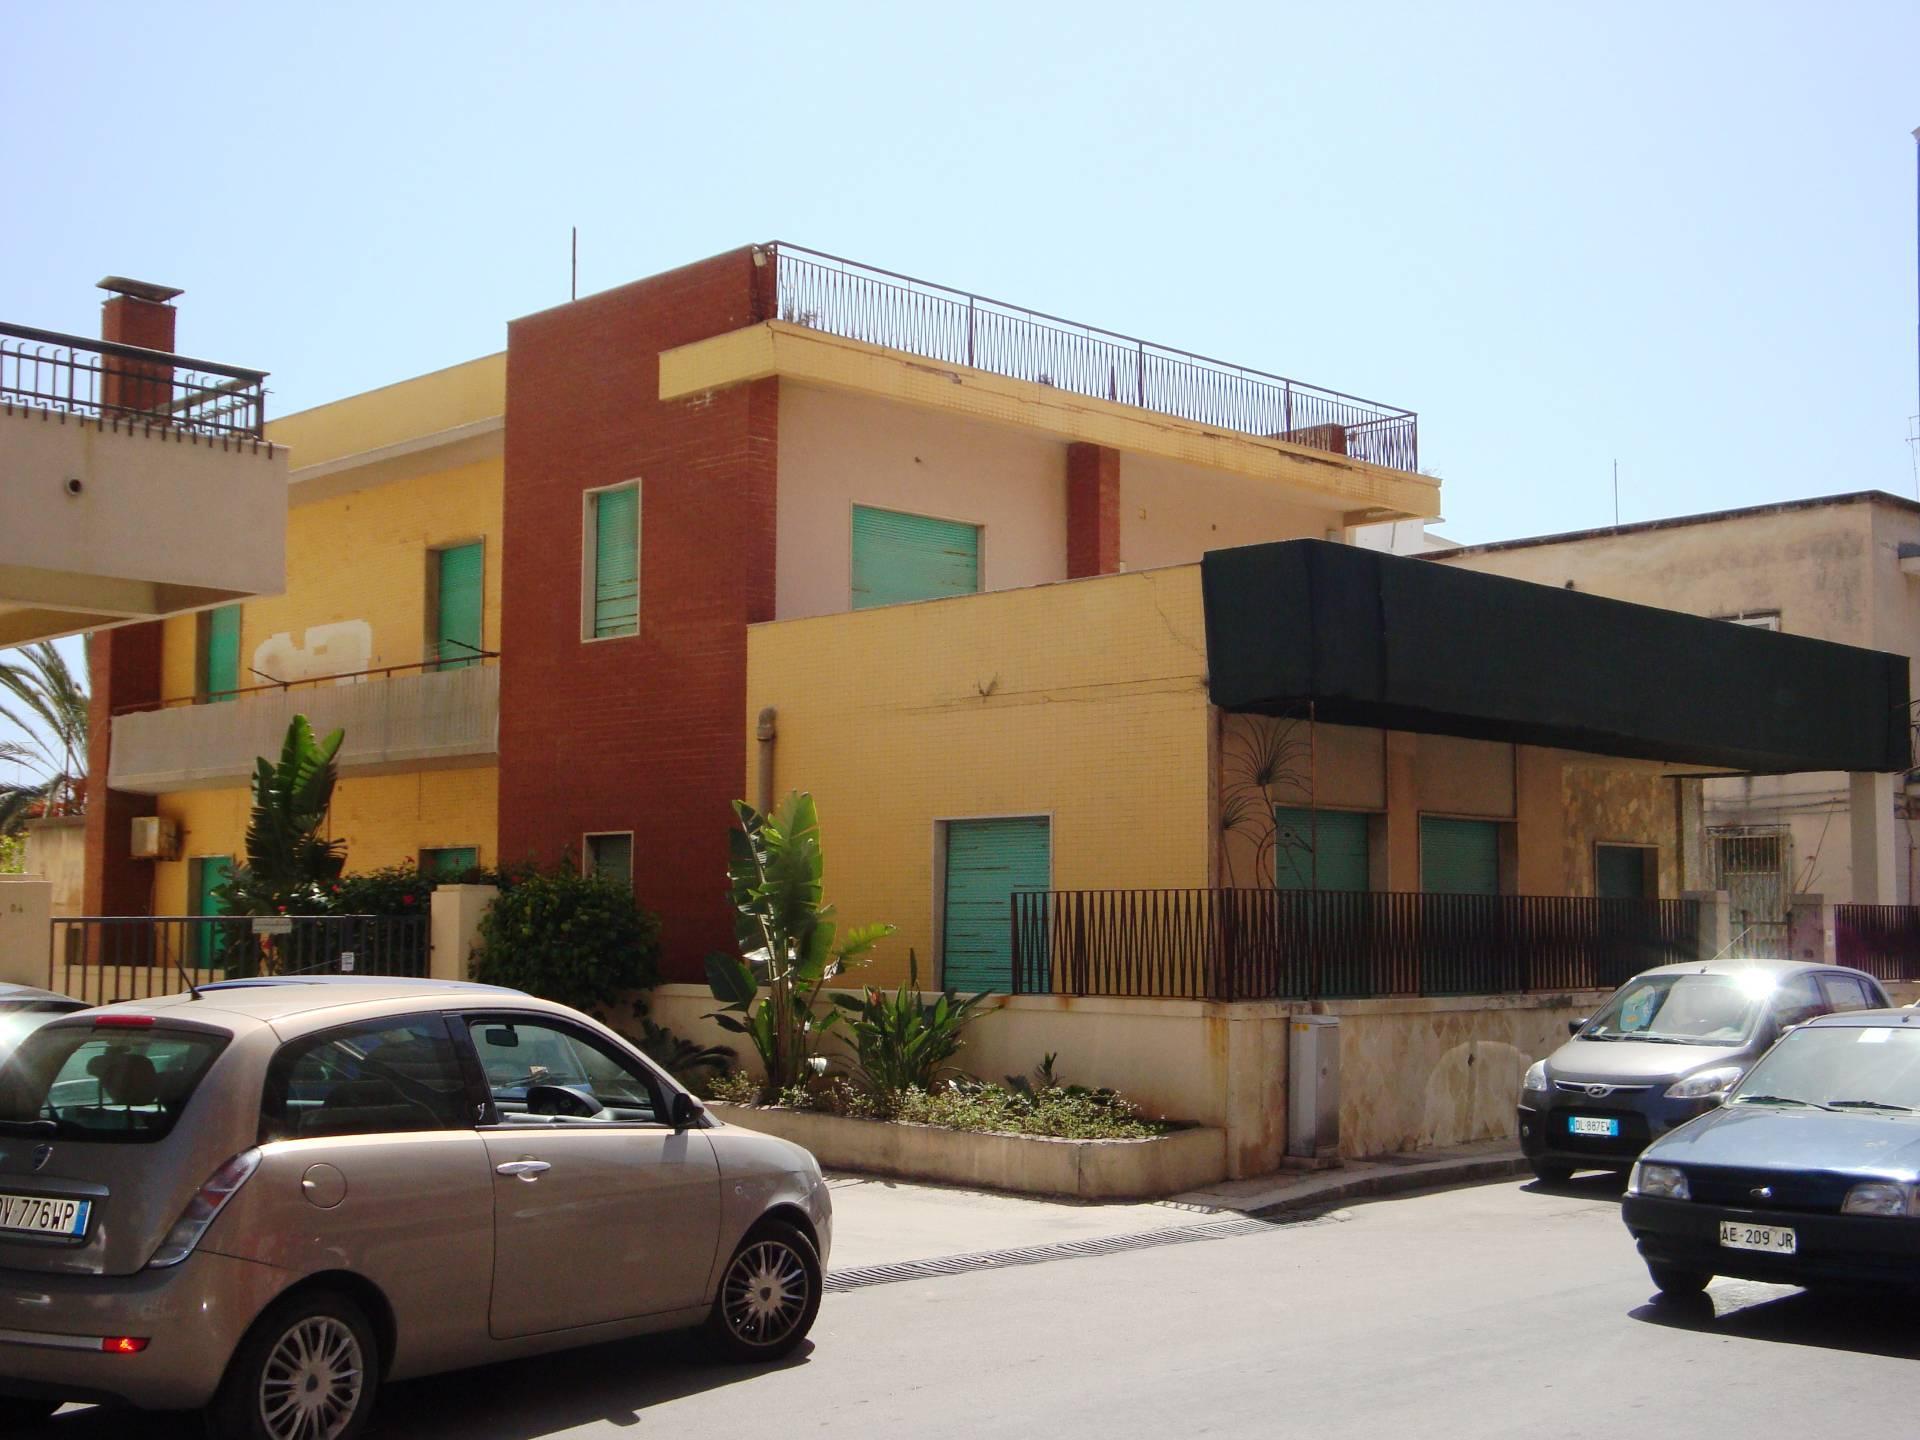 Villa in vendita a Siracusa, 9 locali, zona Zona: Grottasanta, prezzo € 390.000 | CambioCasa.it